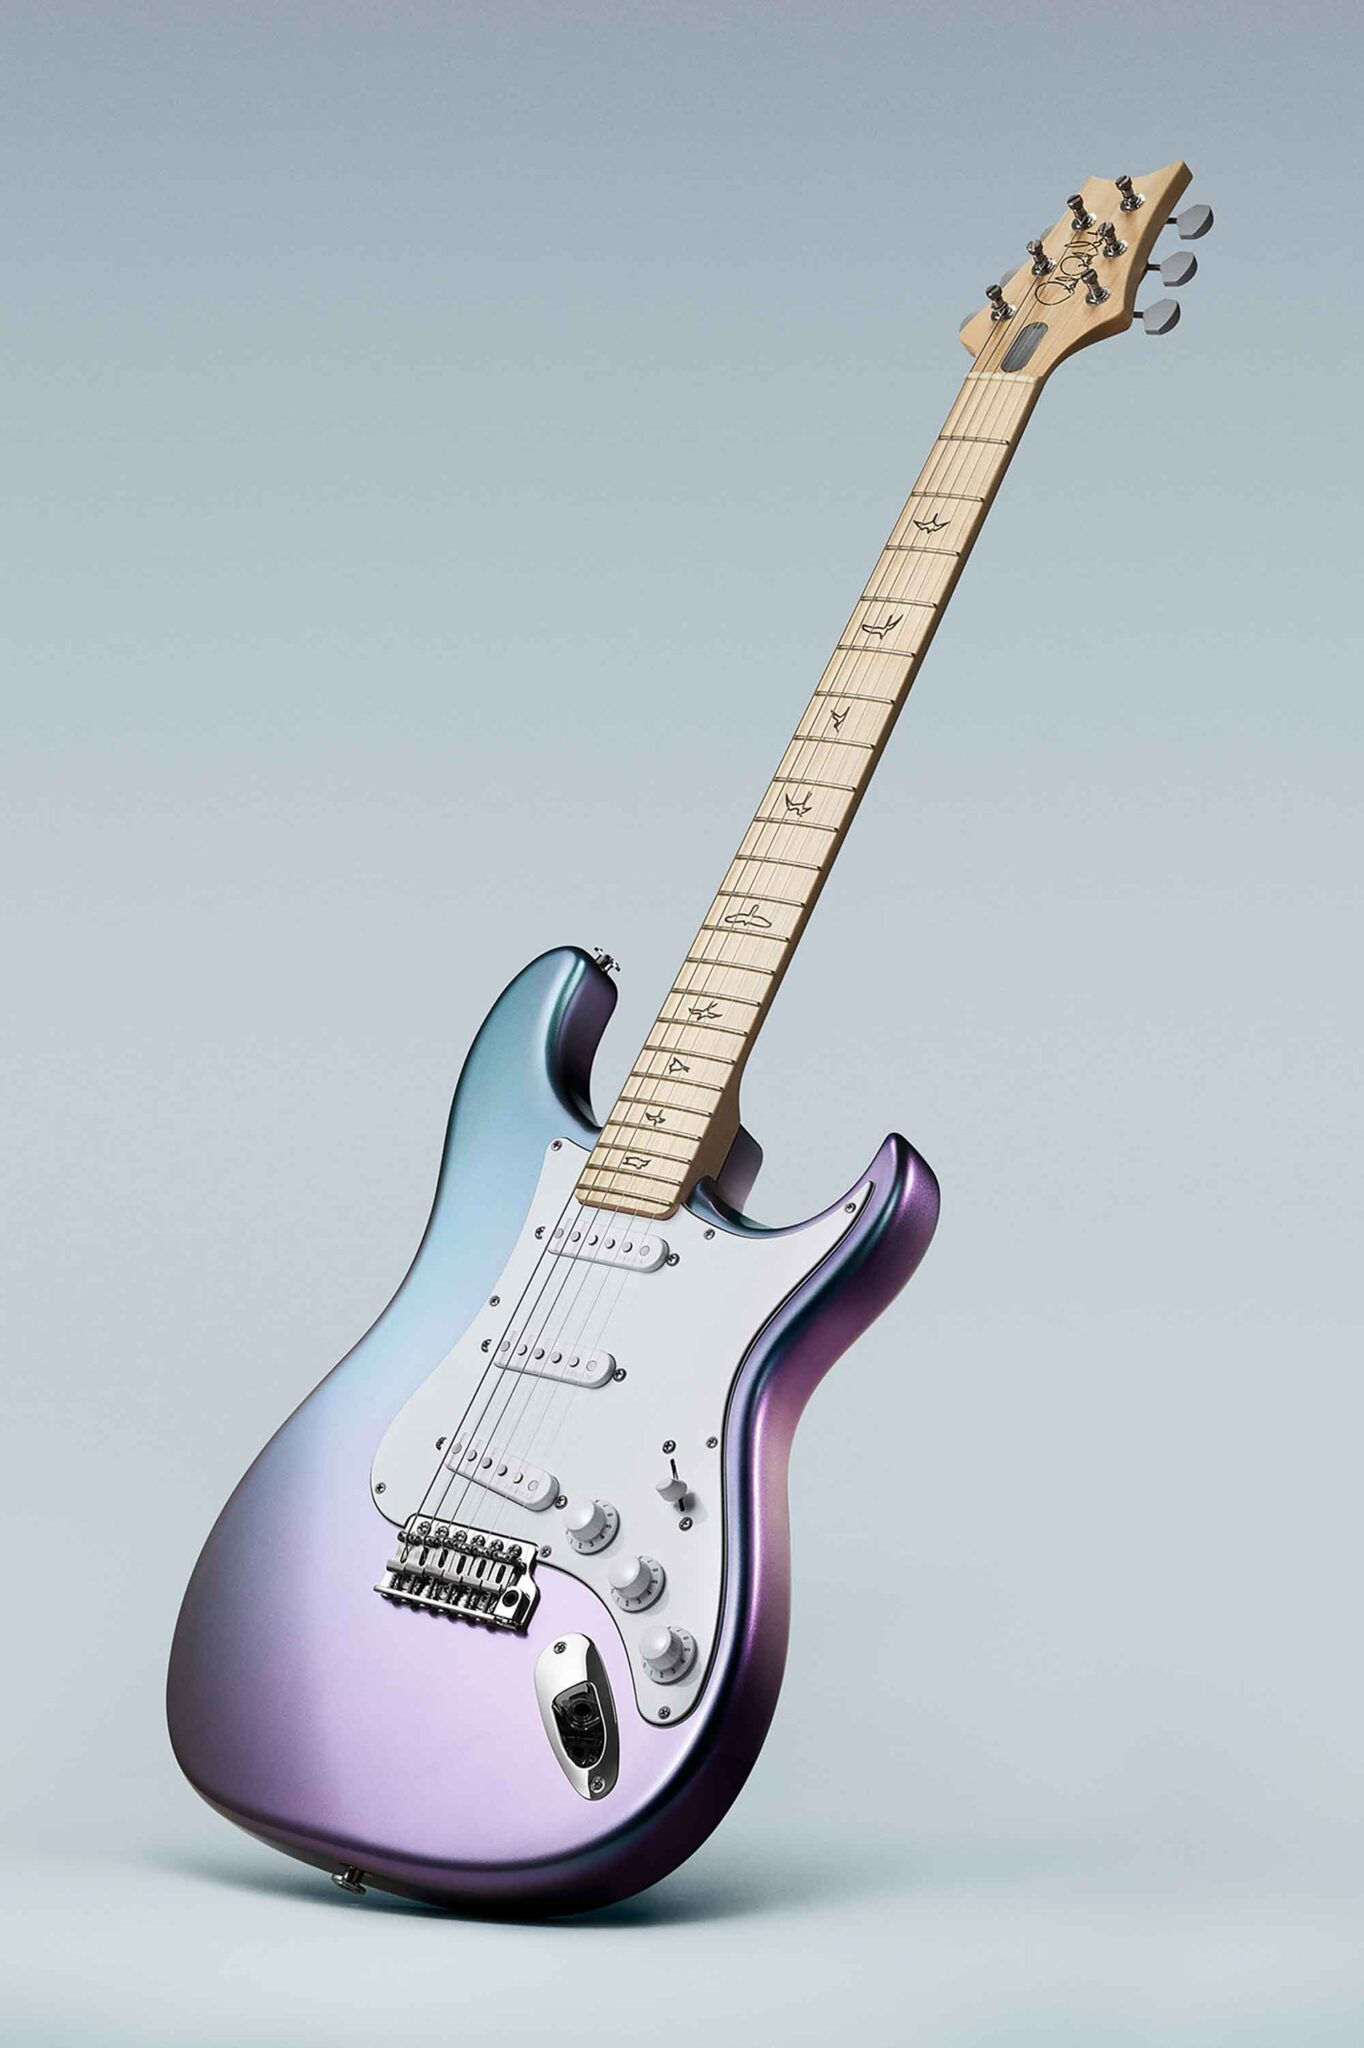 גיטרה חשמלית PRS Silver Sky Limited Edition Lunar Ice